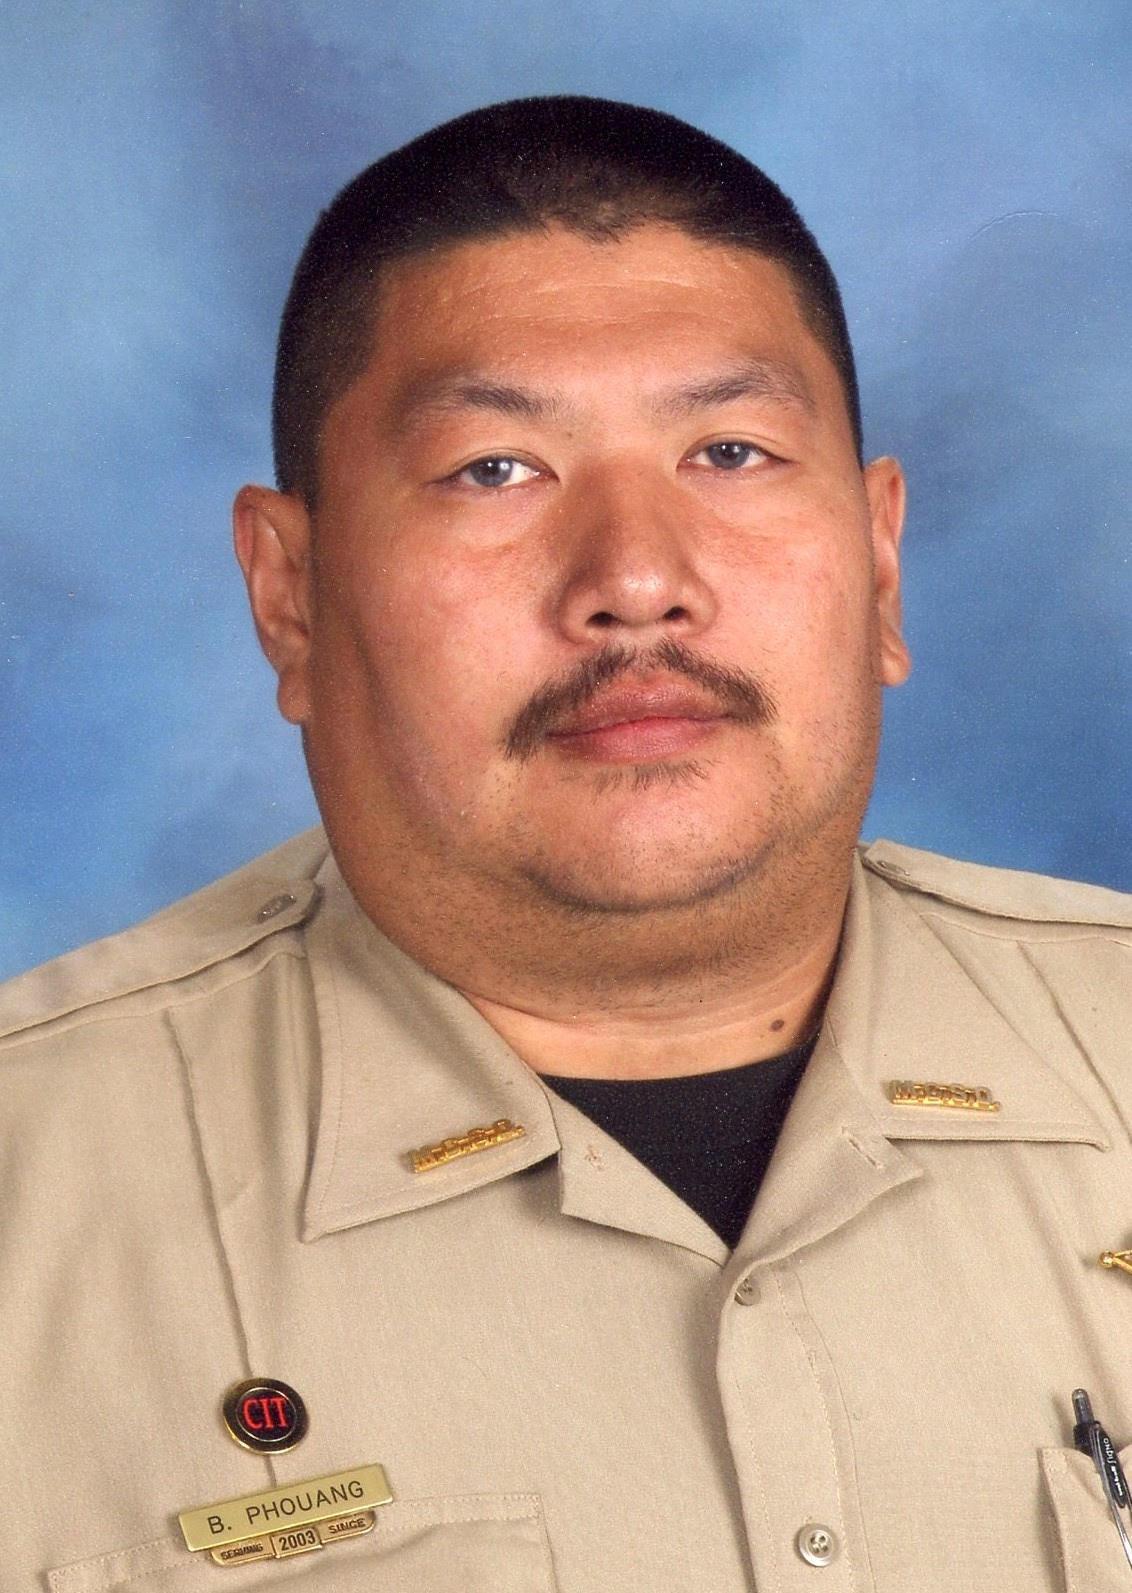 Deputy Sheriff Sypraseuth